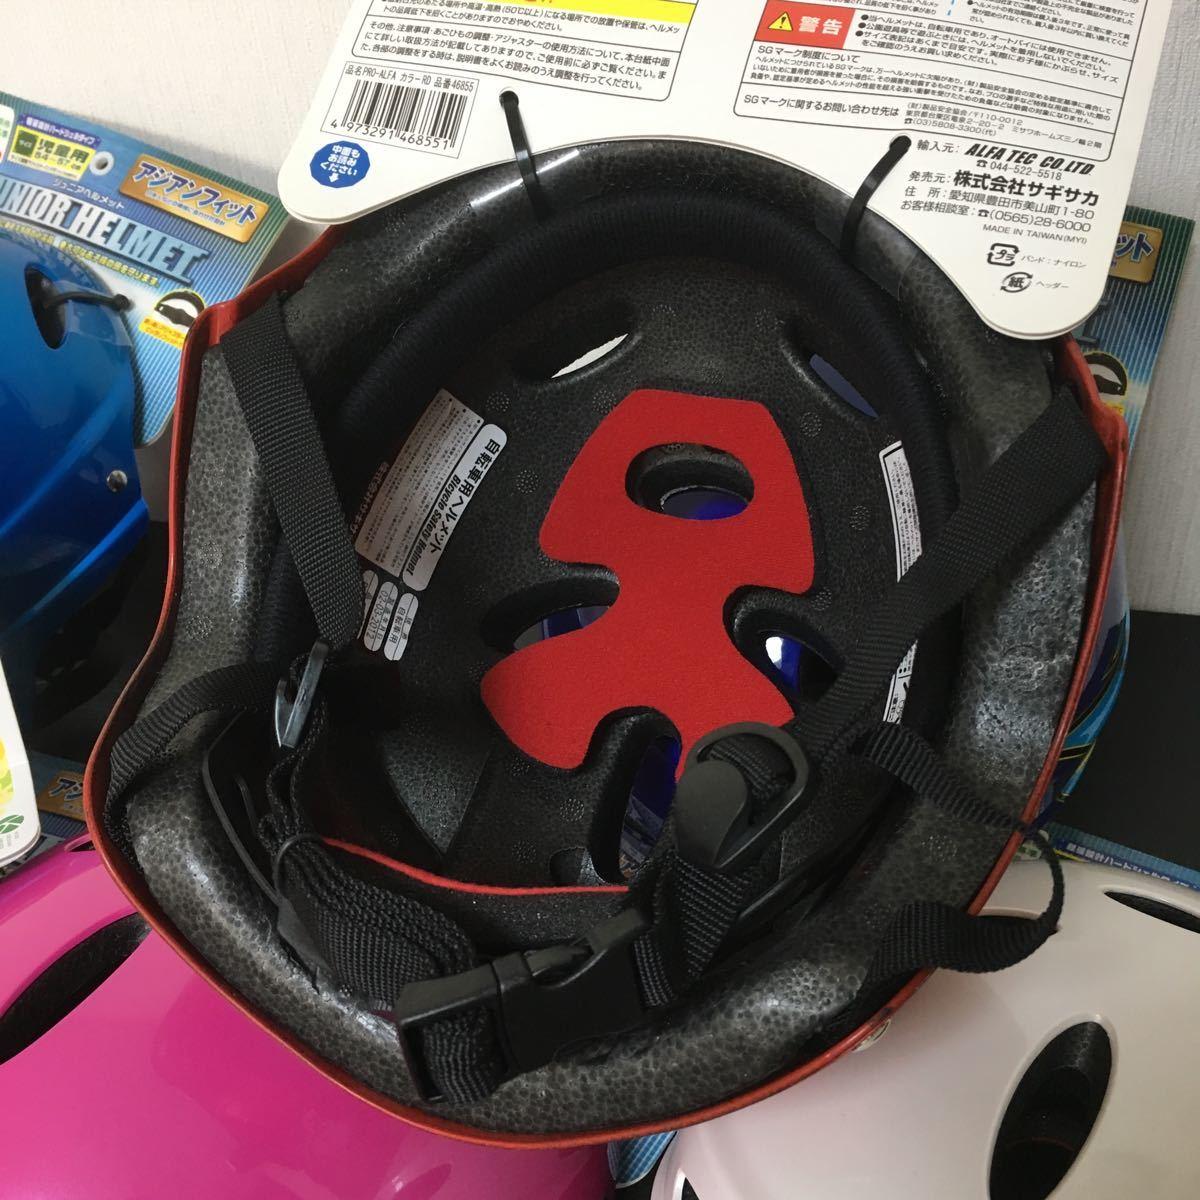 1円~ 自転車 ジュニア ヘルメット 8個セット 未使用品 新品 SGマーク付 児童用 子供用 アジアンフィットタイプ_画像8